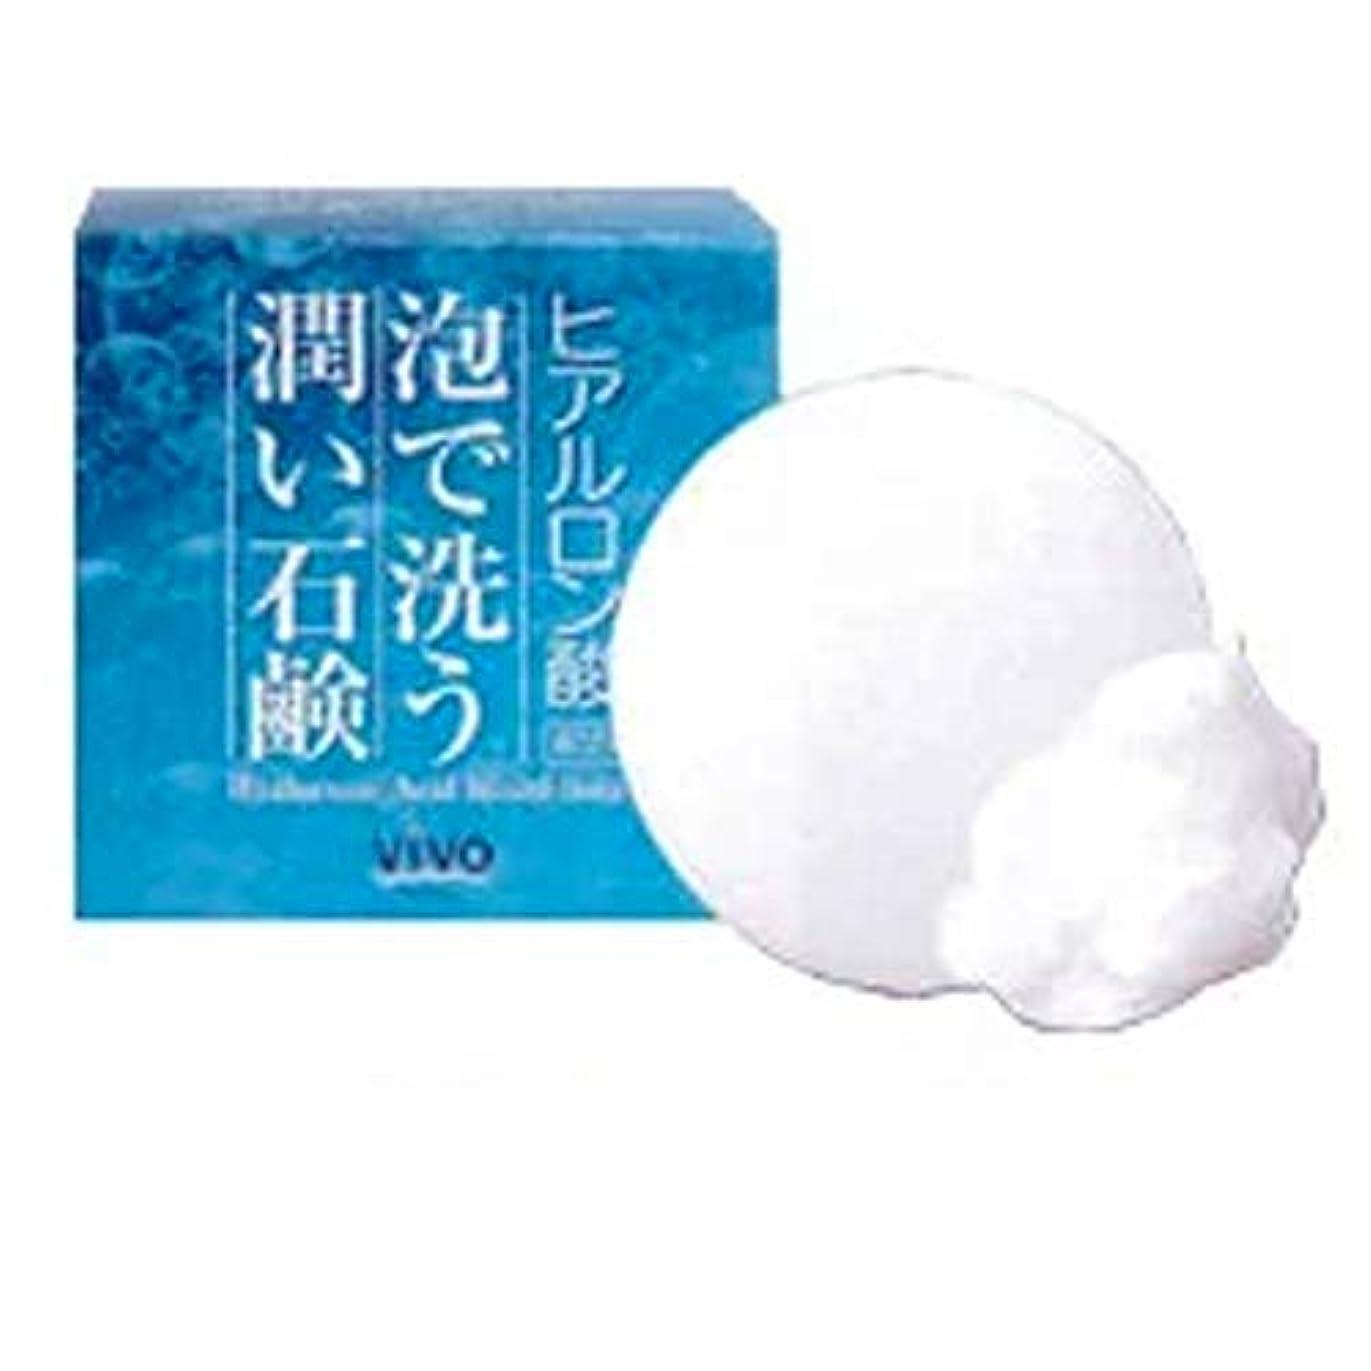 対応する苦情文句ショップBella Vivo ヒアルロン酸洗顔石鹸 3個セット